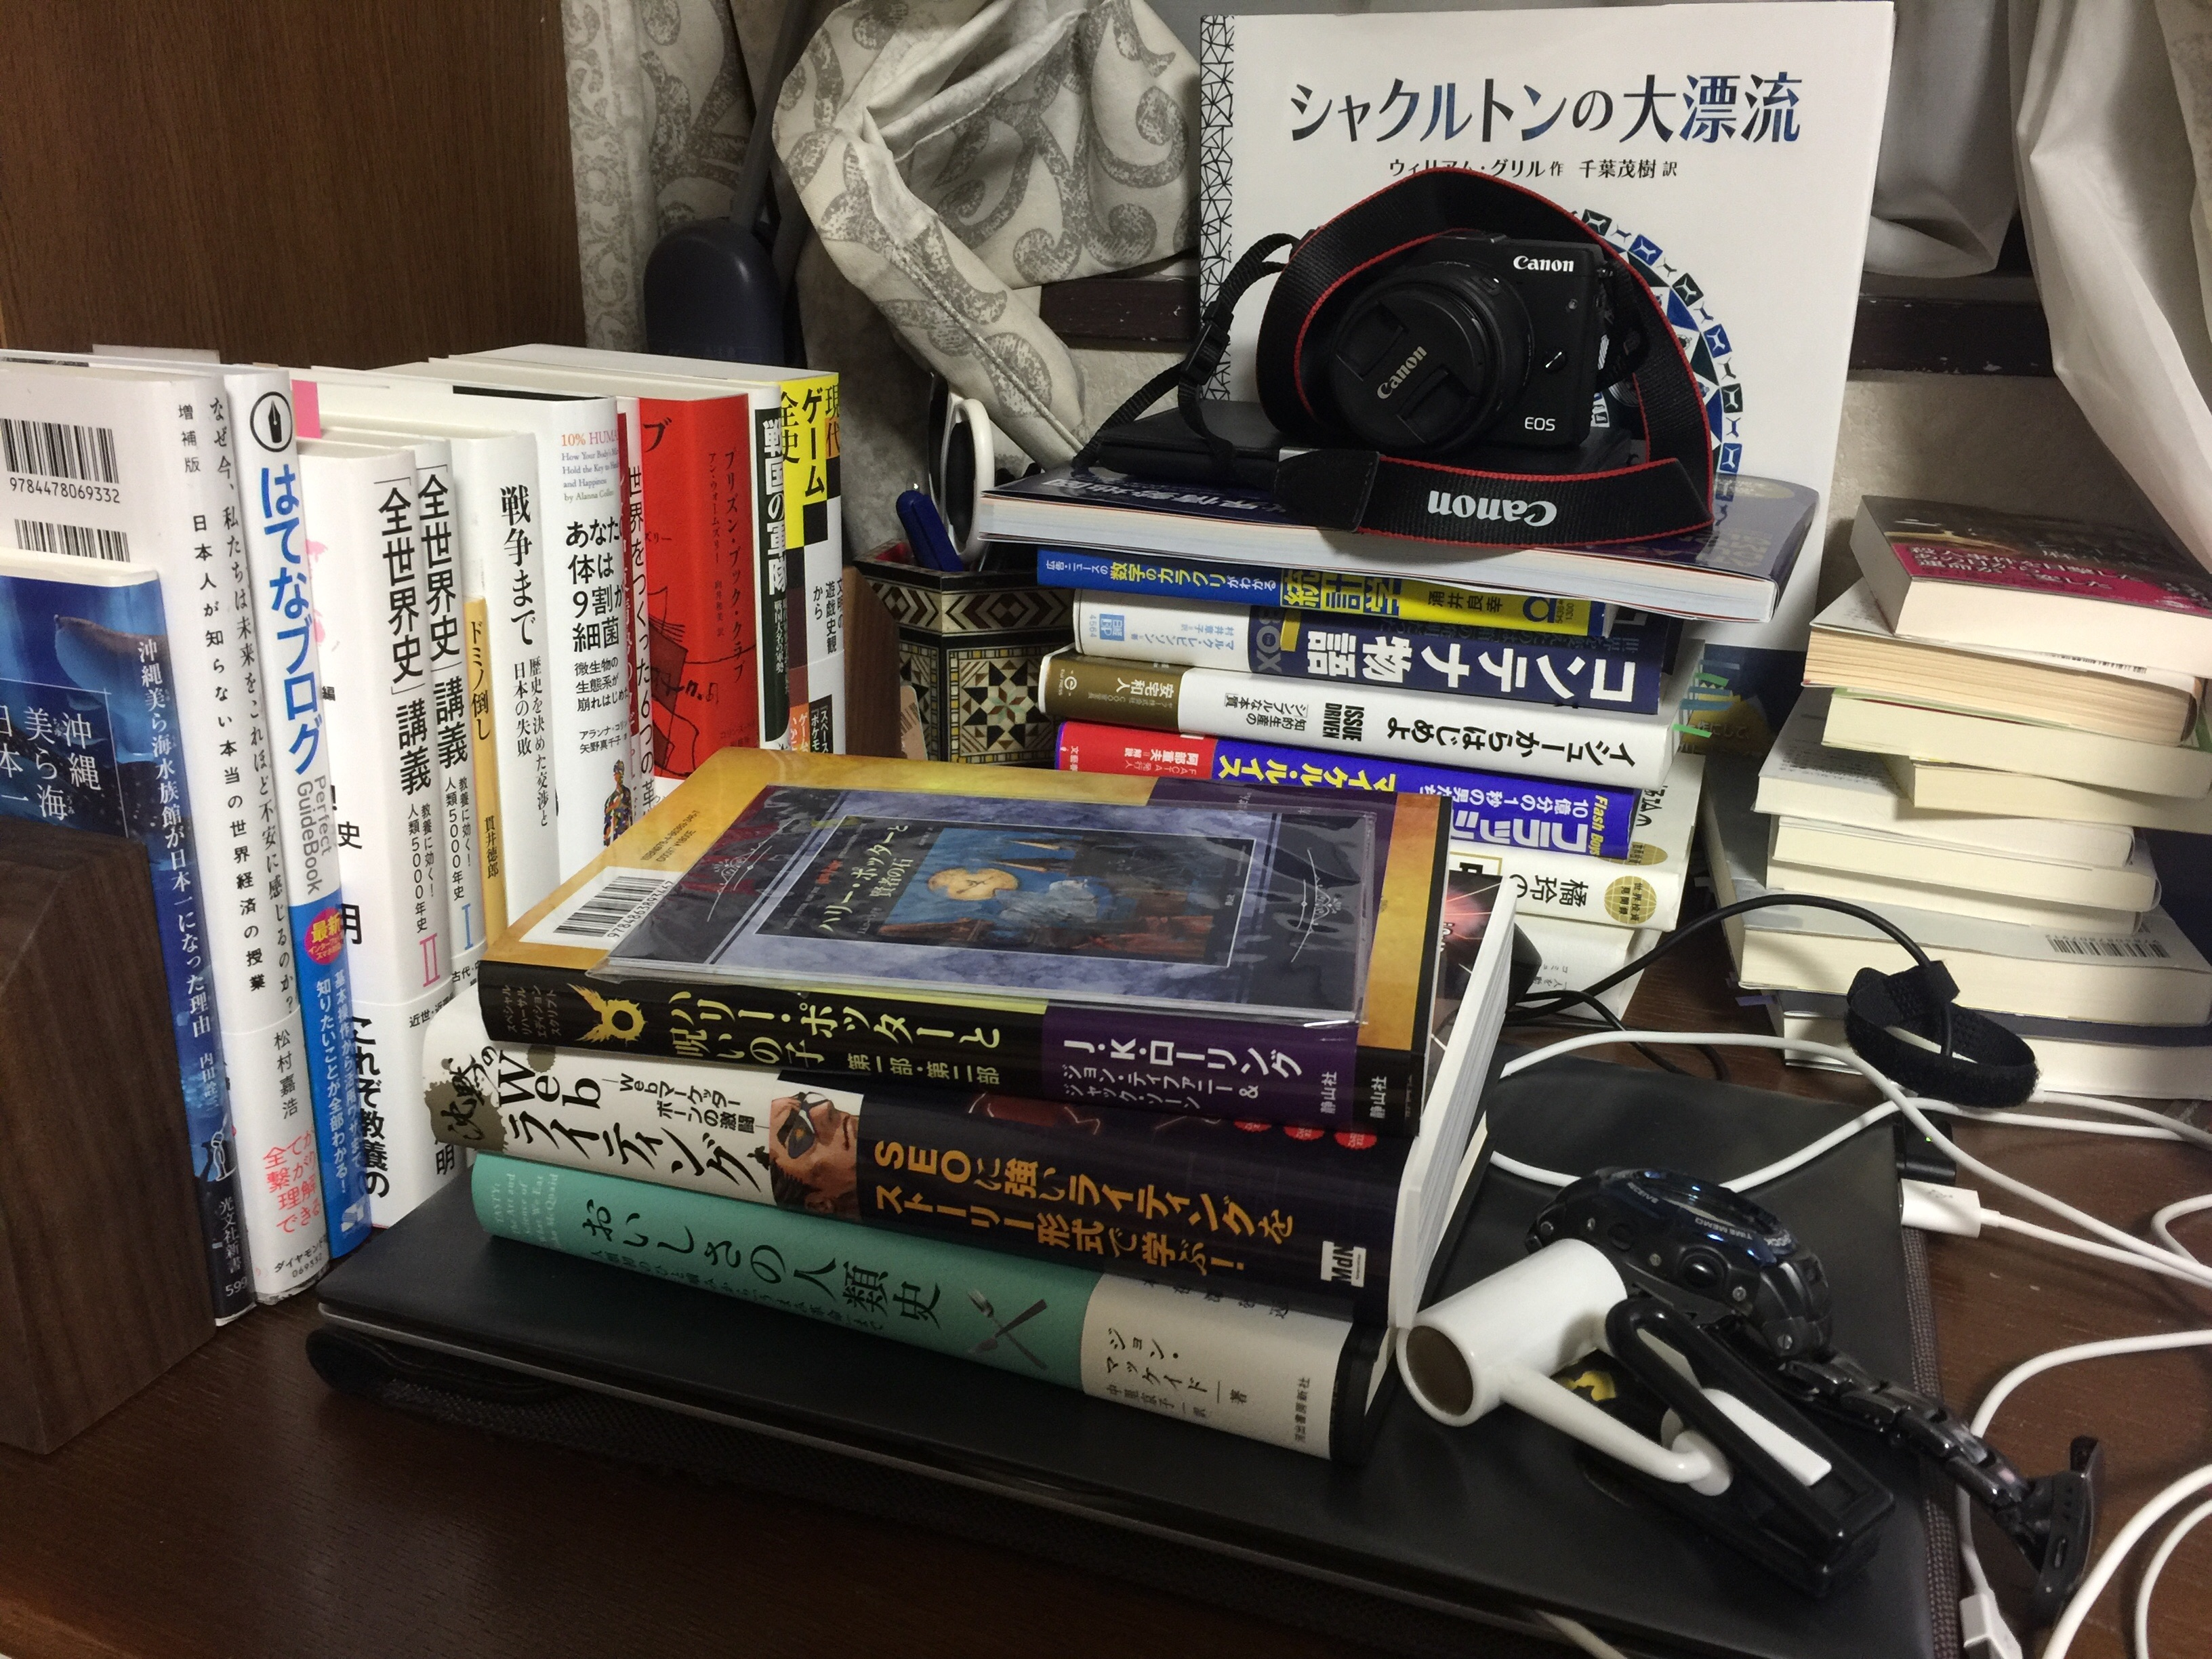 机の上の本 目に入るところに本を置く